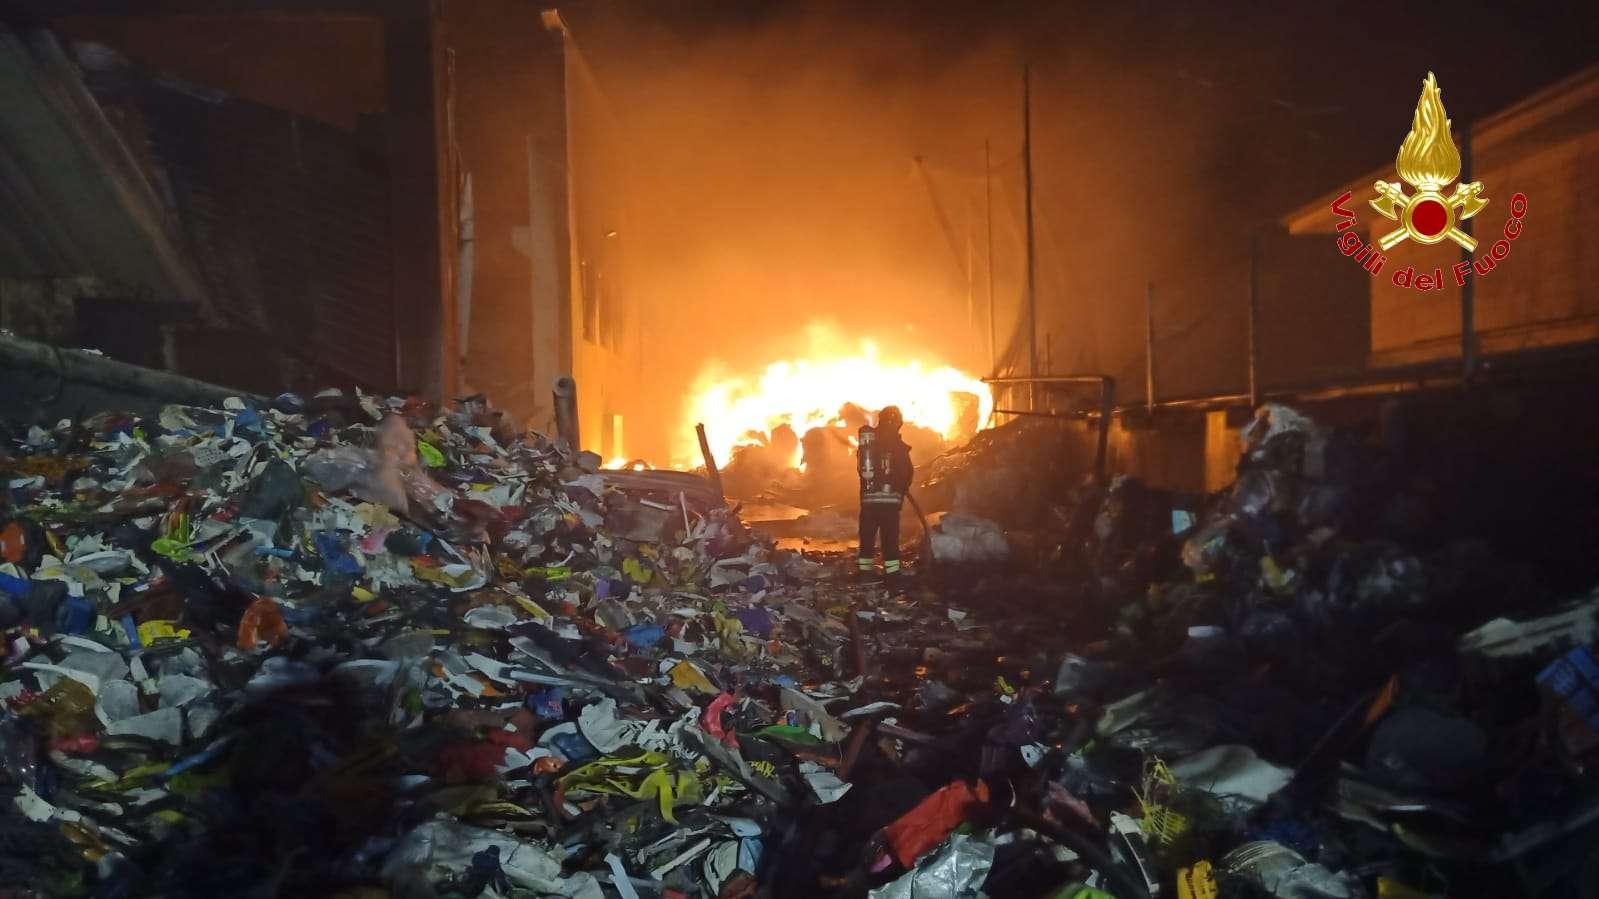 Incendio in un impianto di rifiuti a San Nicola da Crissa. Intervenuti due squadre di vigili del fuoco